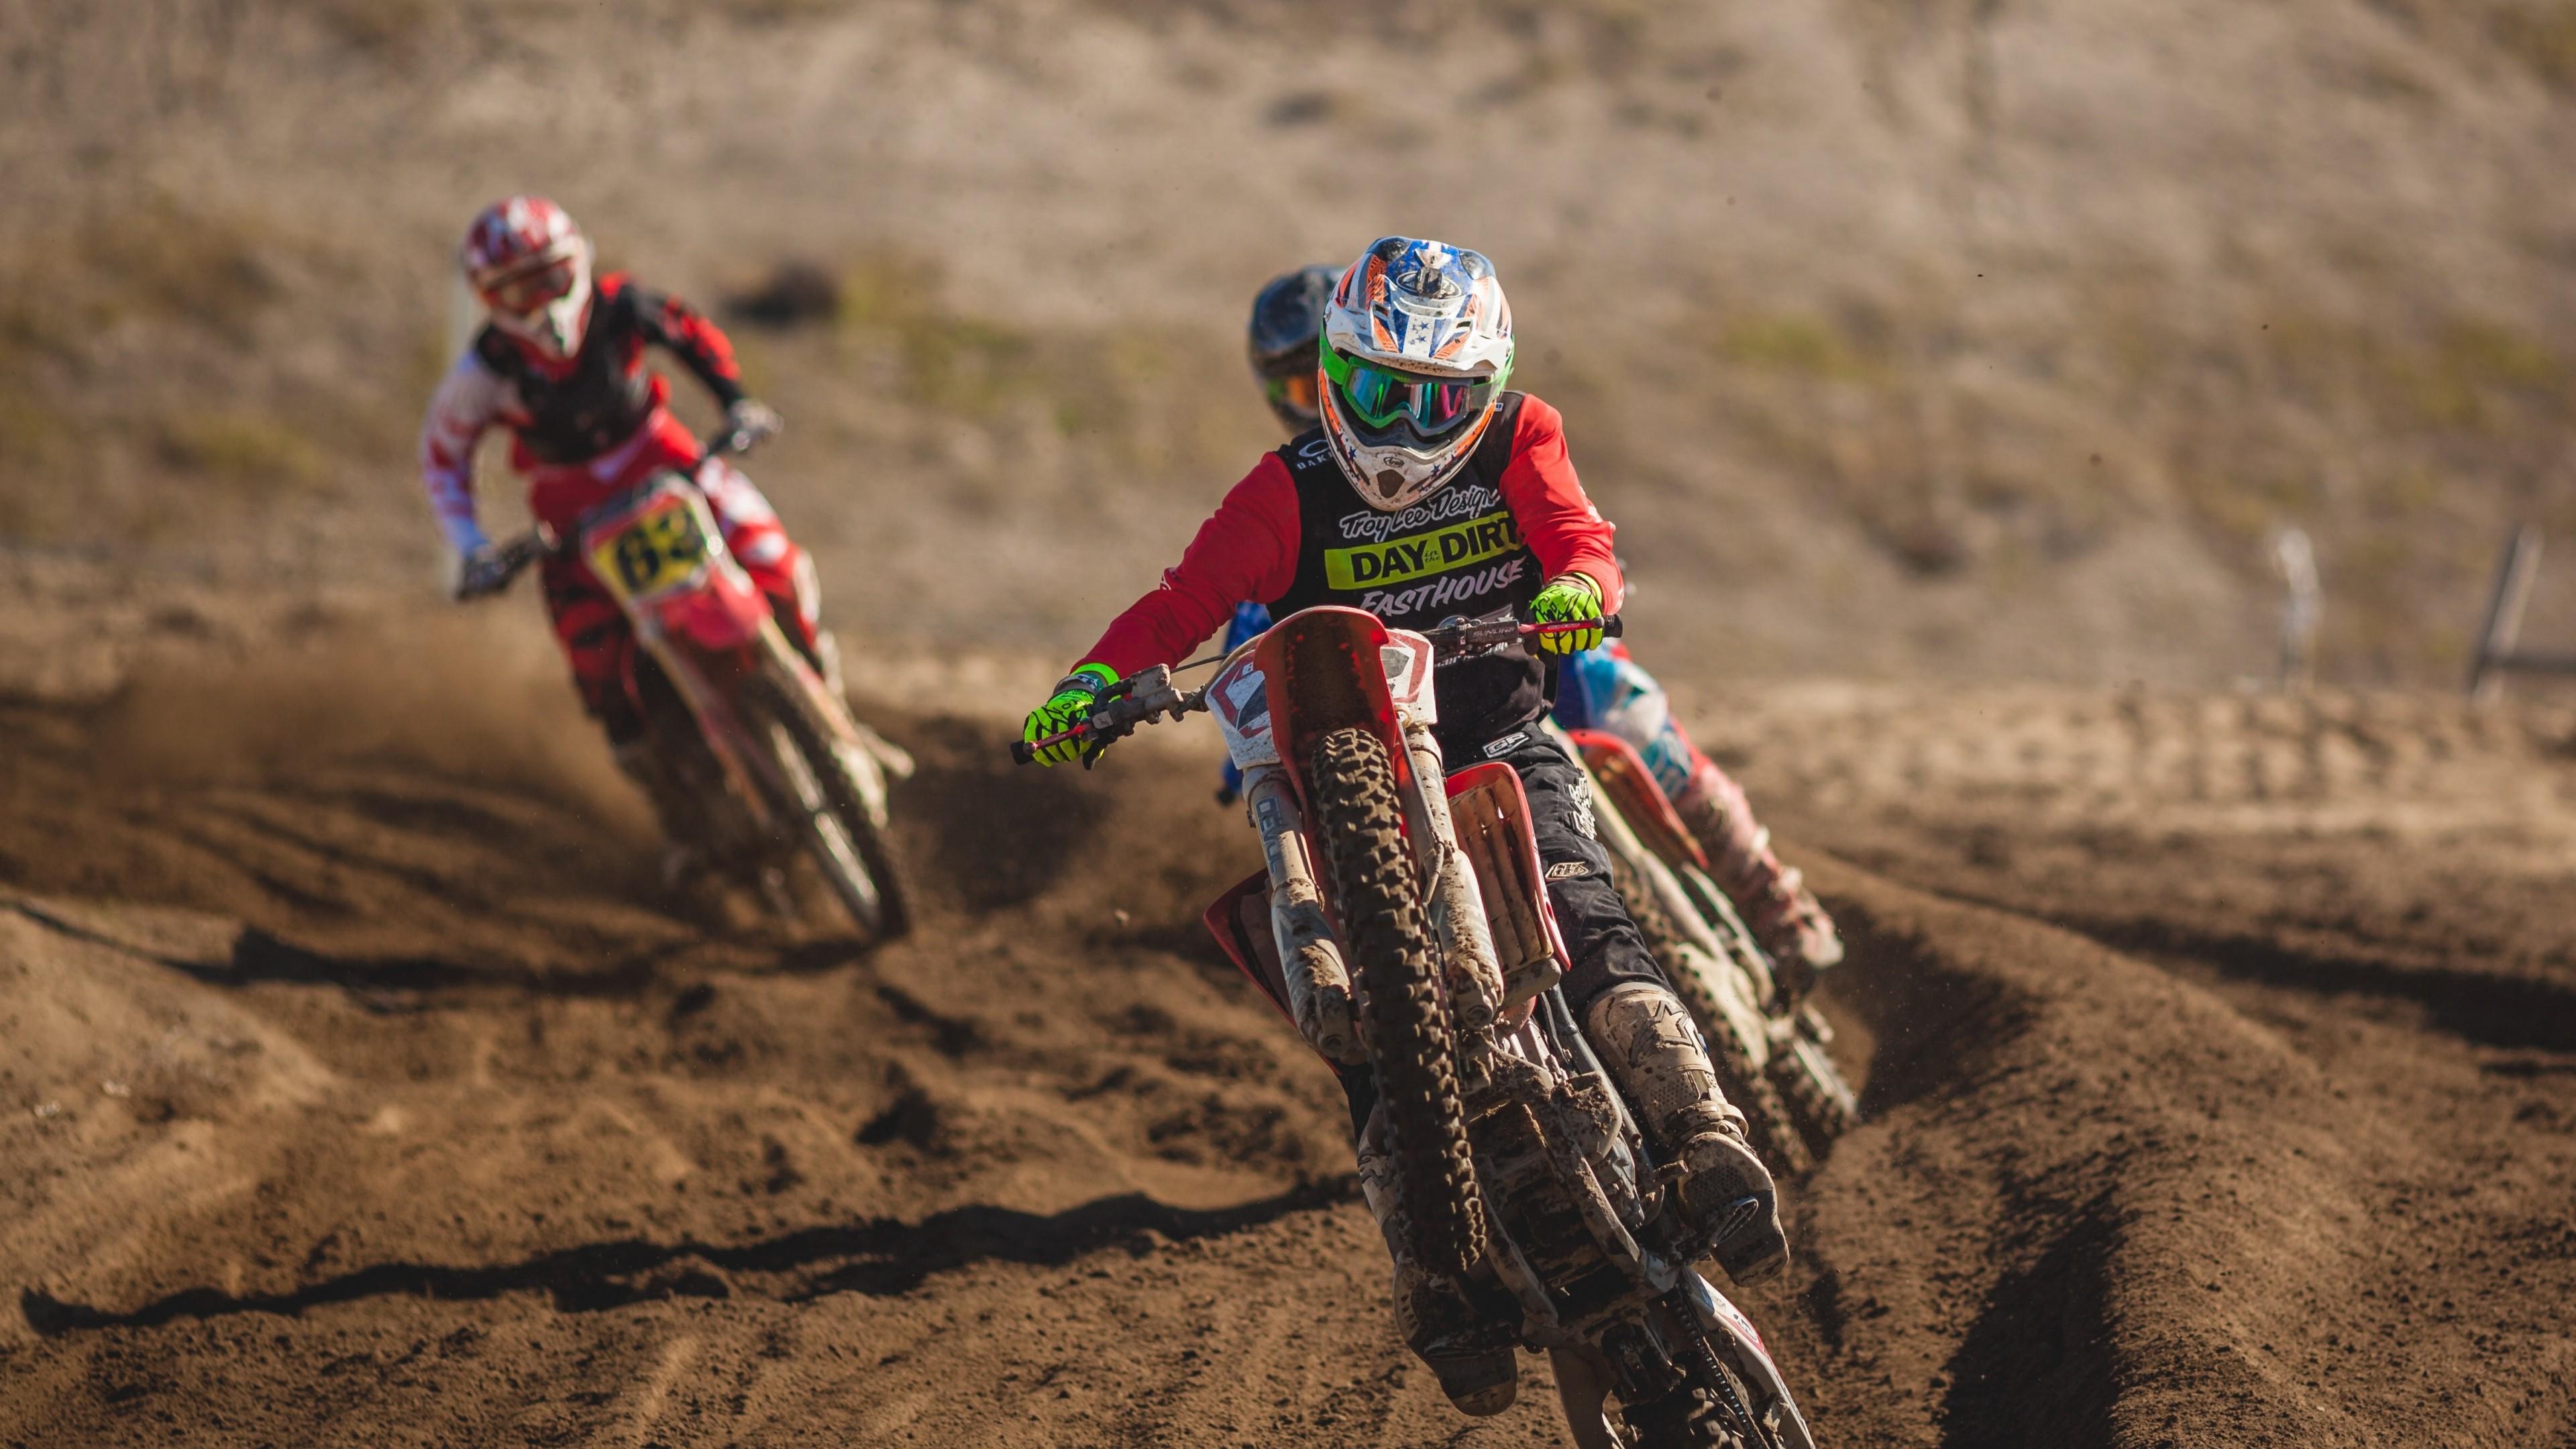 Preview wallpaper dirt bike, motorcycle, dirt, racing 3840×2160